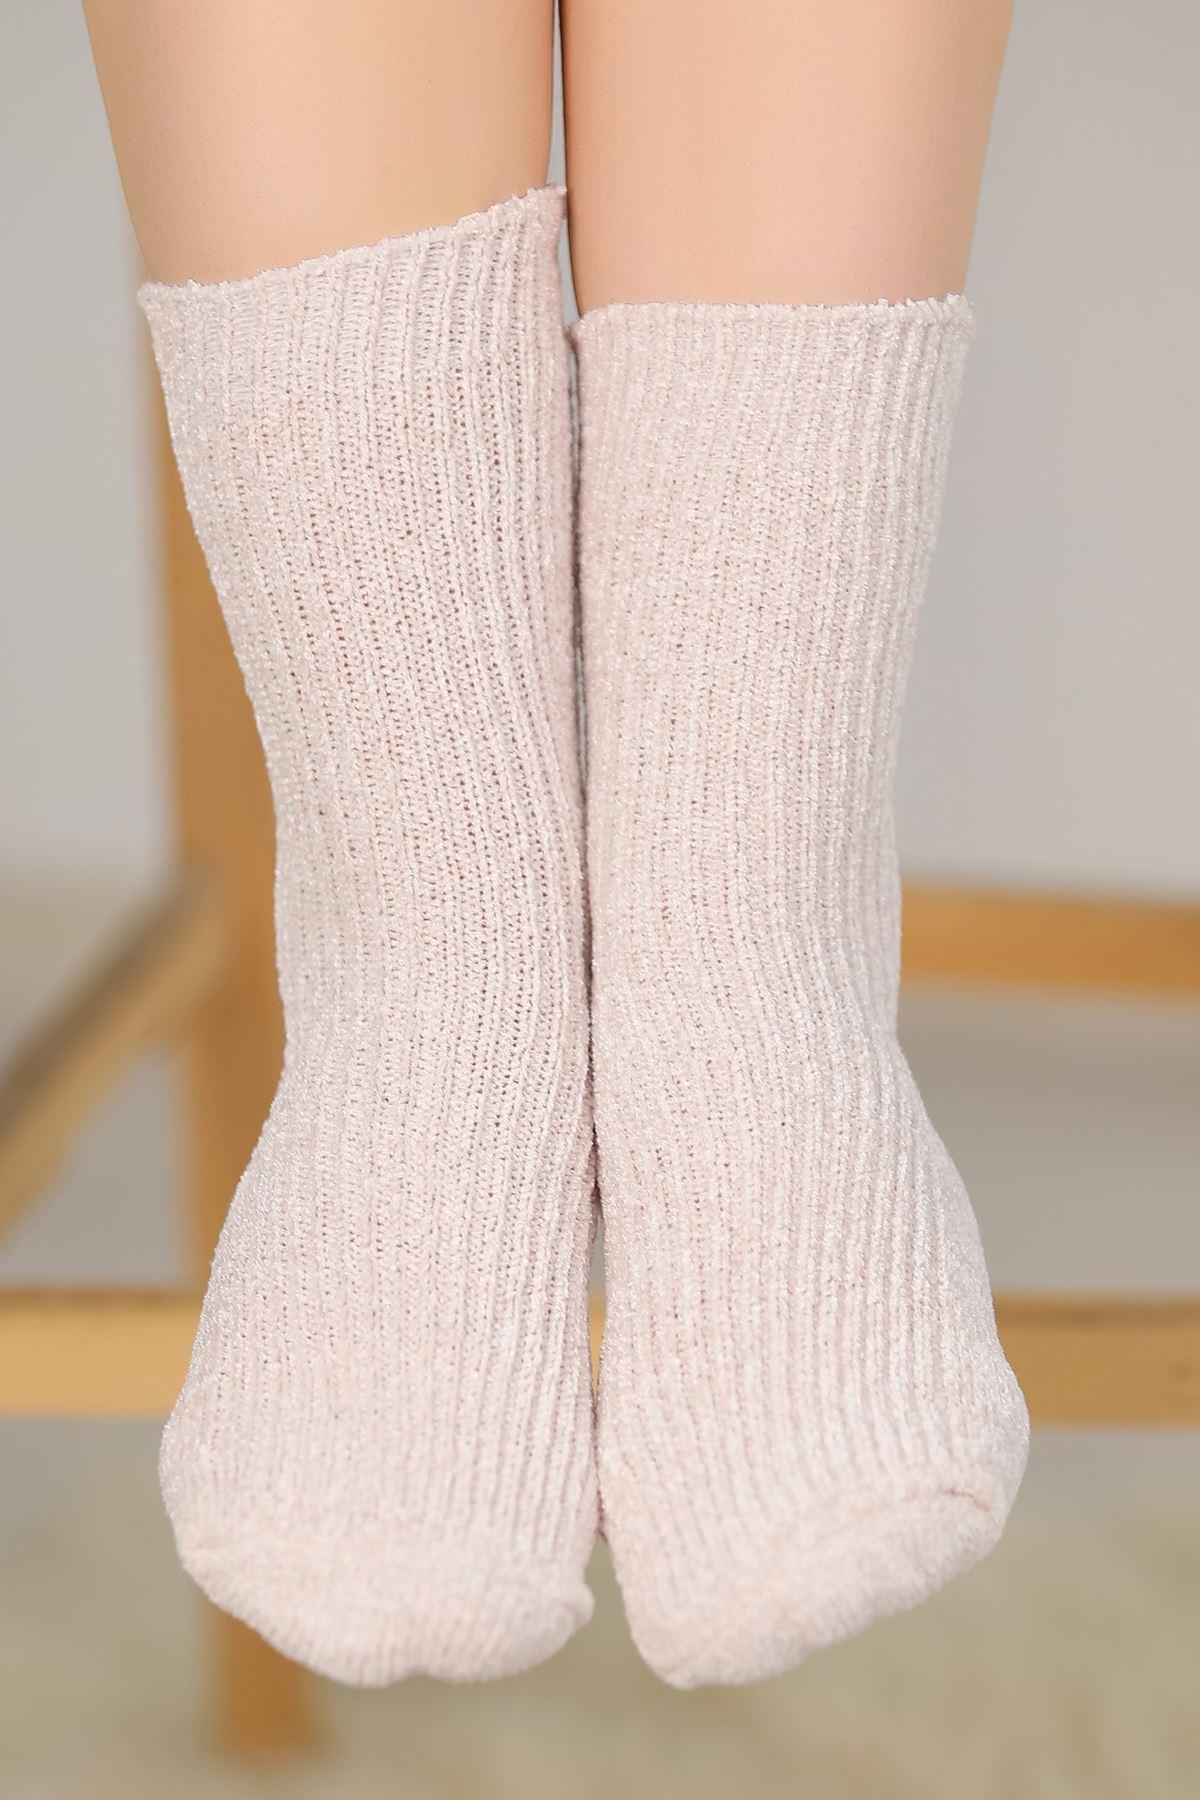 Bayan Çorap Açıkpudra - 48200.1114.